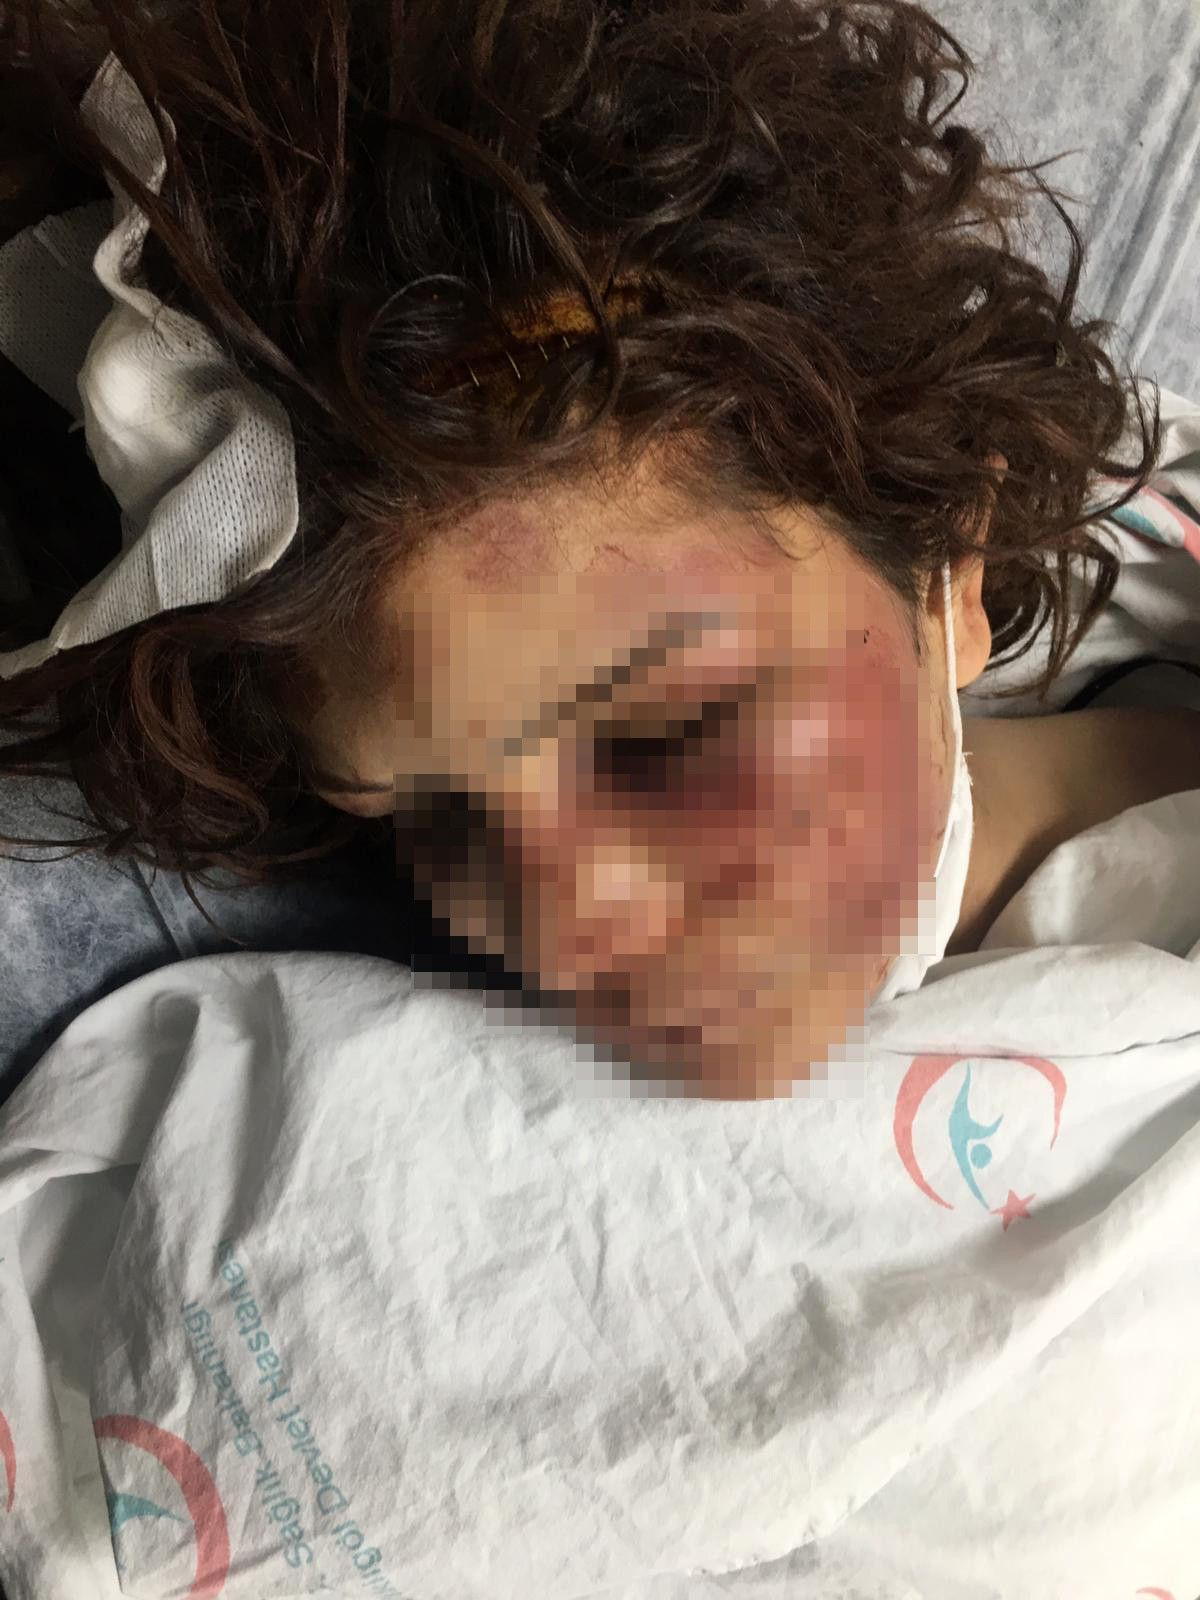 Şanlıurfa'da kan donduran olay! Eşini eve kilitleyip işkence yaptı kerpetenle tırnaklarını söktü